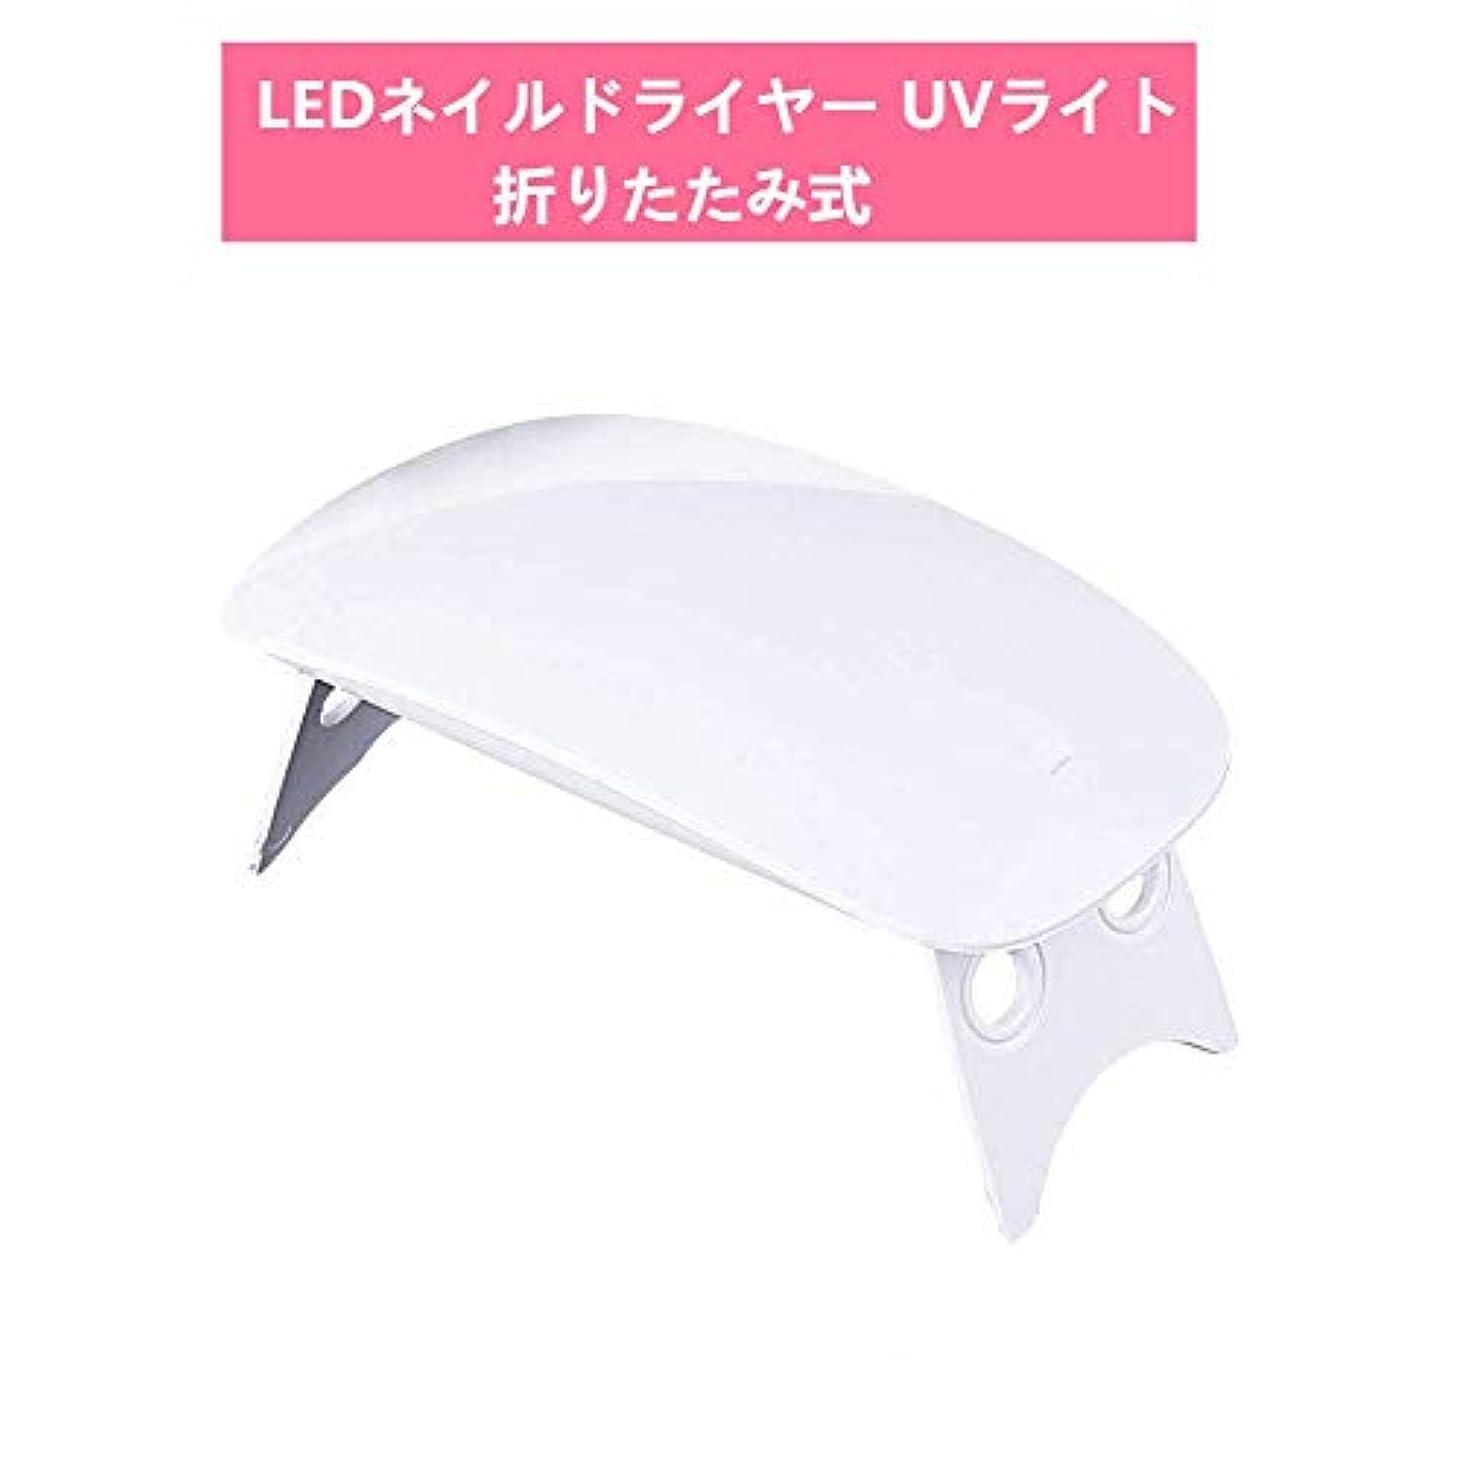 リボンボランティア子供っぽいFACAI LEDネイルドライヤー UVライト 折りたたみ式 設定可能 タイマー ジェルネイル LED 硬化ライト UV と LEDダブルライト ジェルネイル用 ホワイト